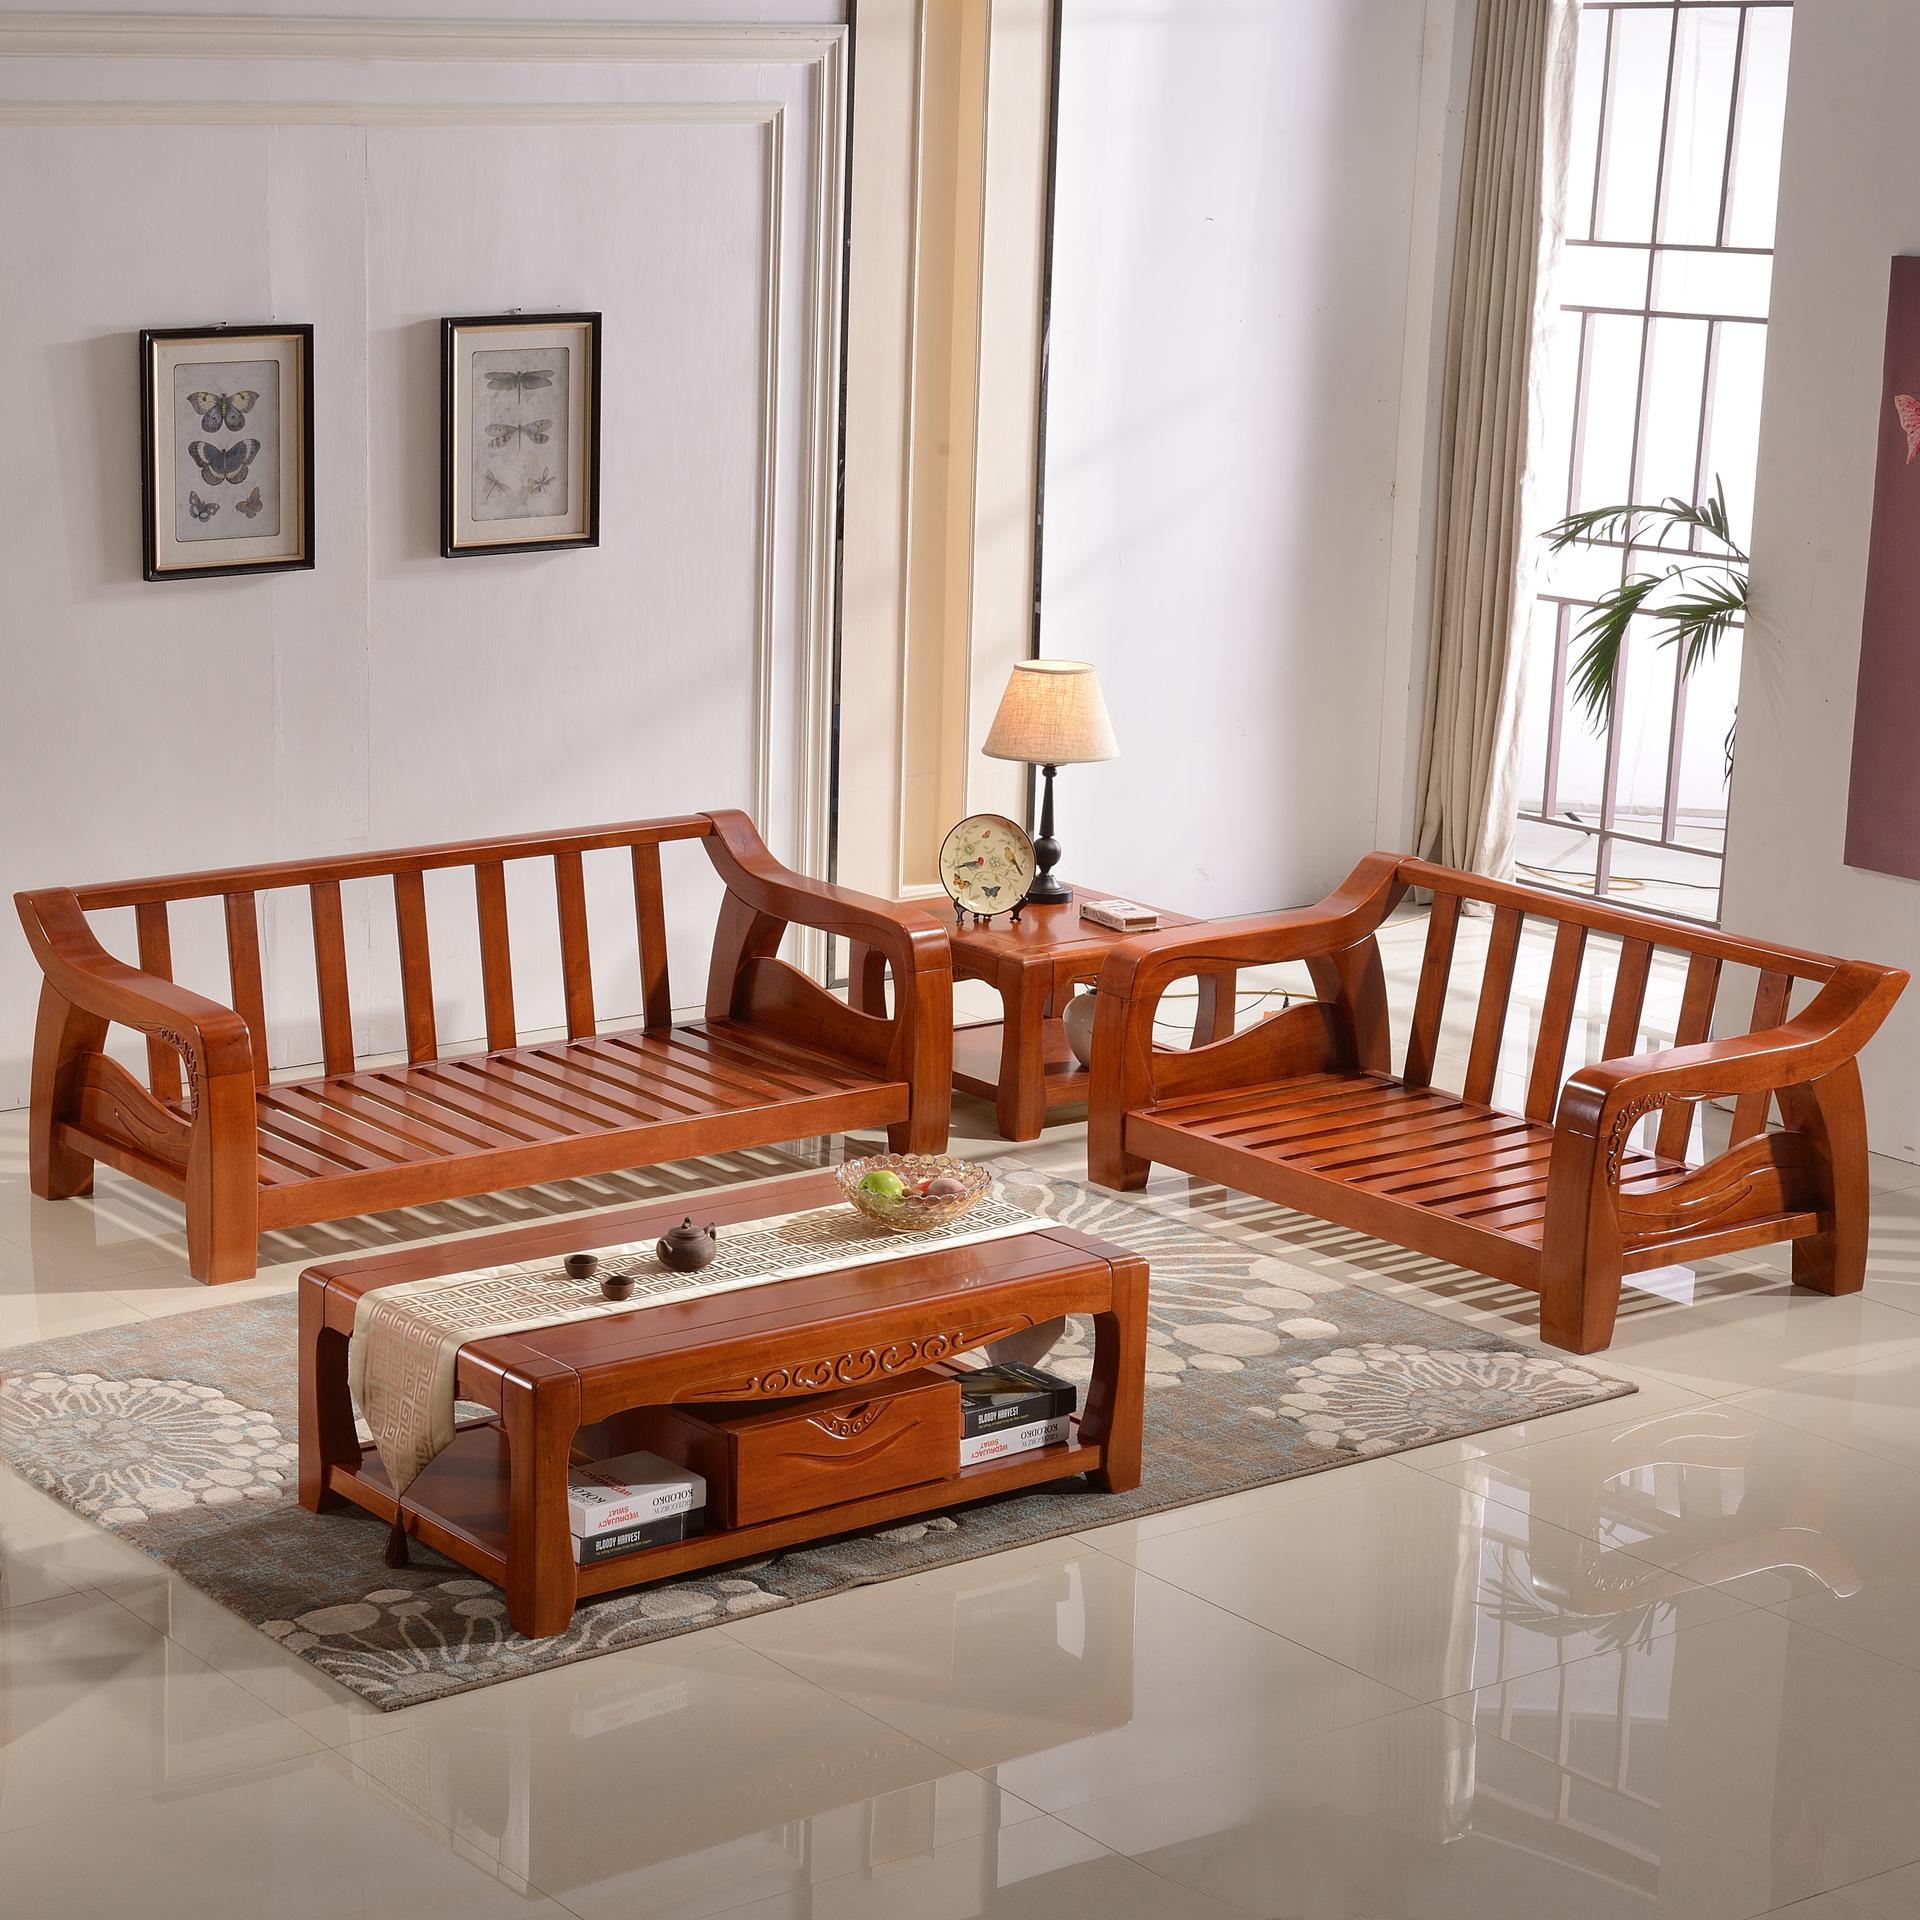 批发实木沙发新中式现代木质沙发橡木客厅家具转角沙发成套组合图片